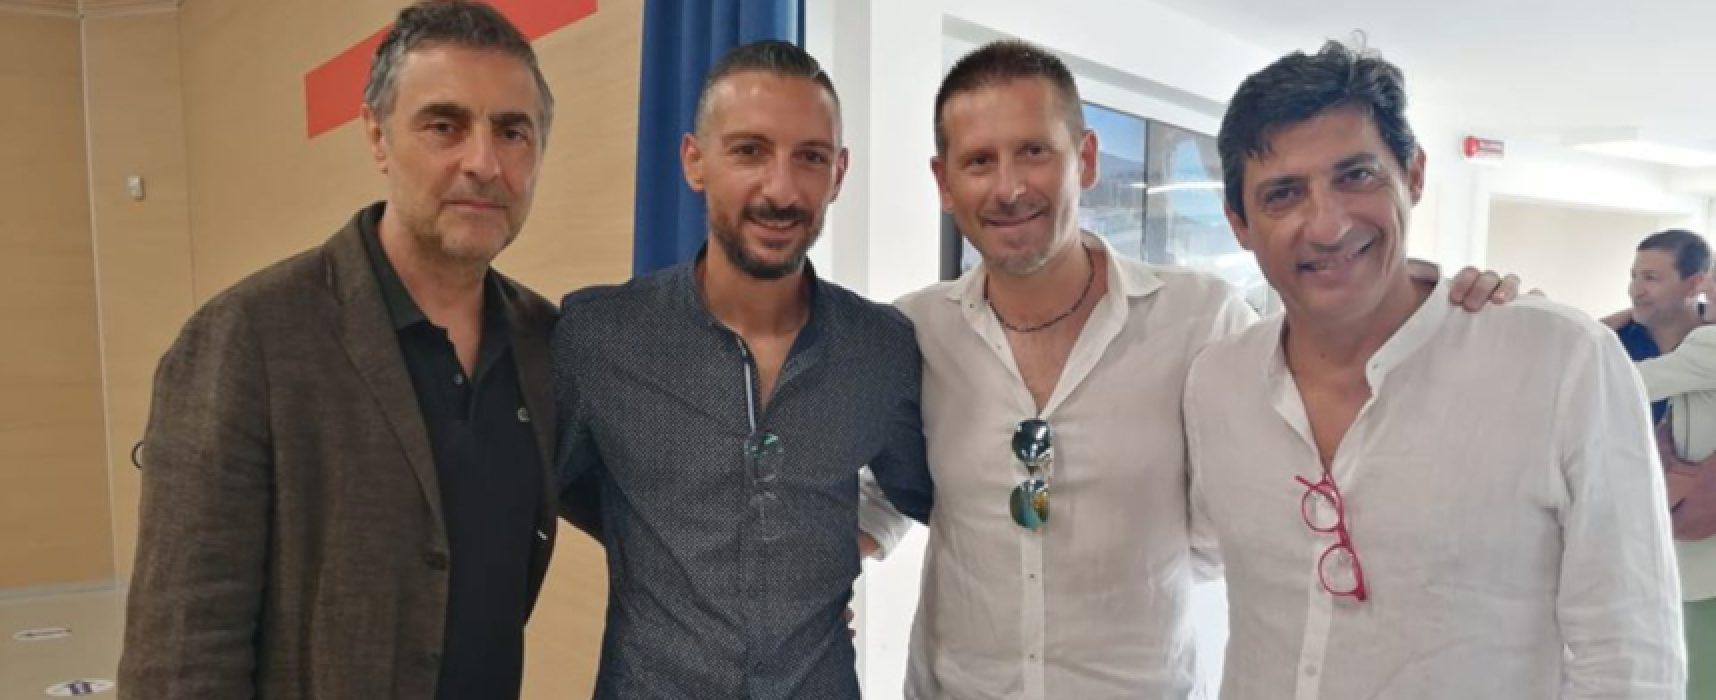 """""""Vacanze pugliesi"""": nuova collaborazione tra Stornaiolo-Solfrizzi e Domenico Velletri"""